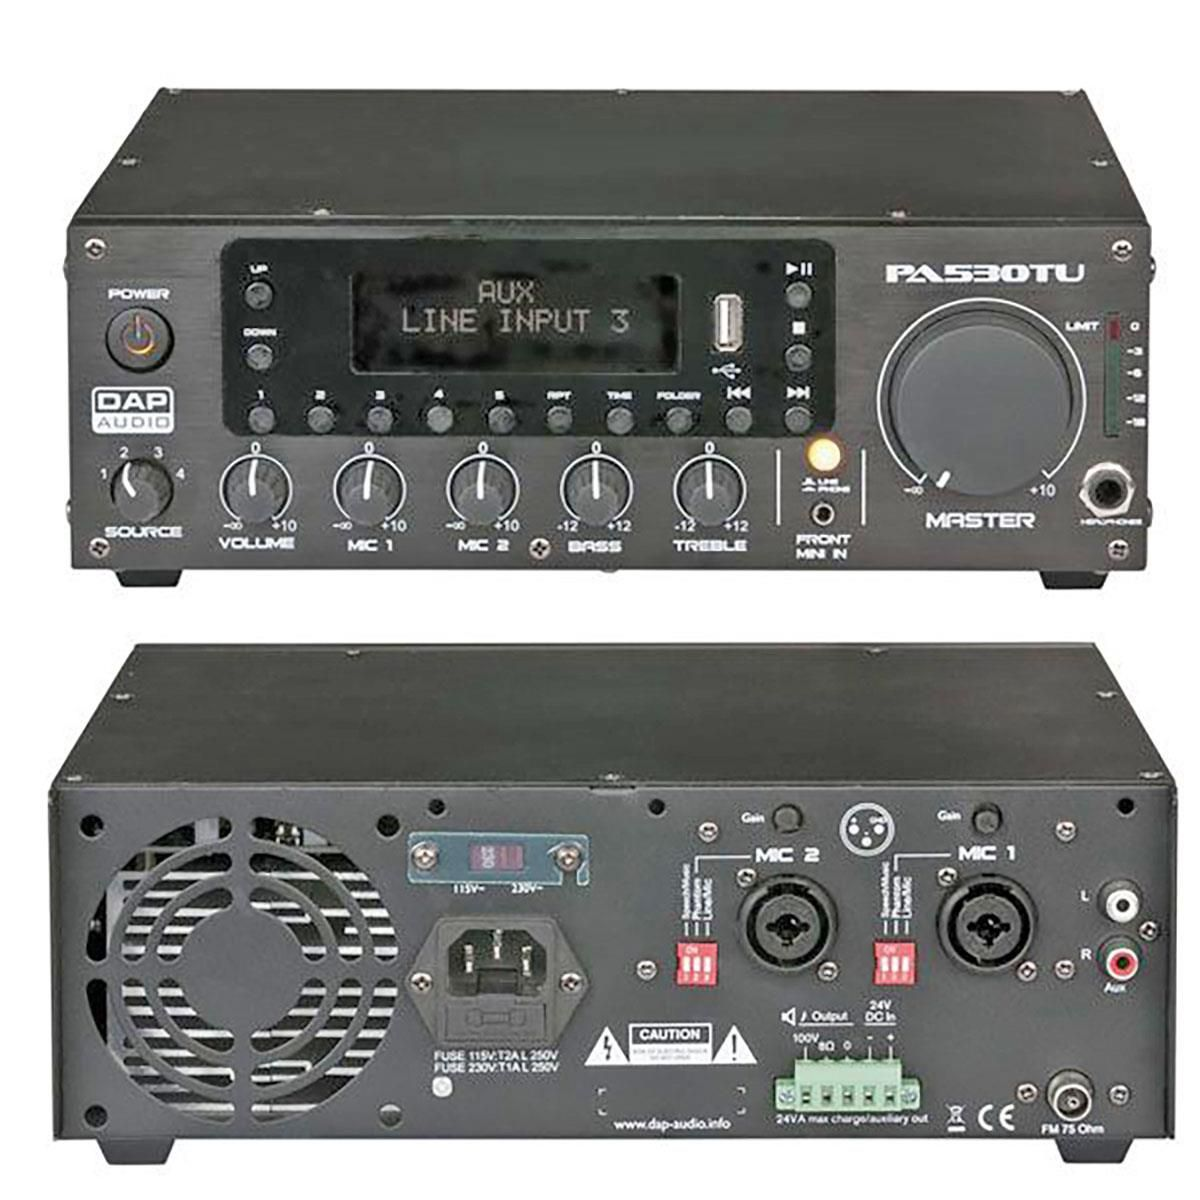 Finale Dap Audio PA-530TU 30w